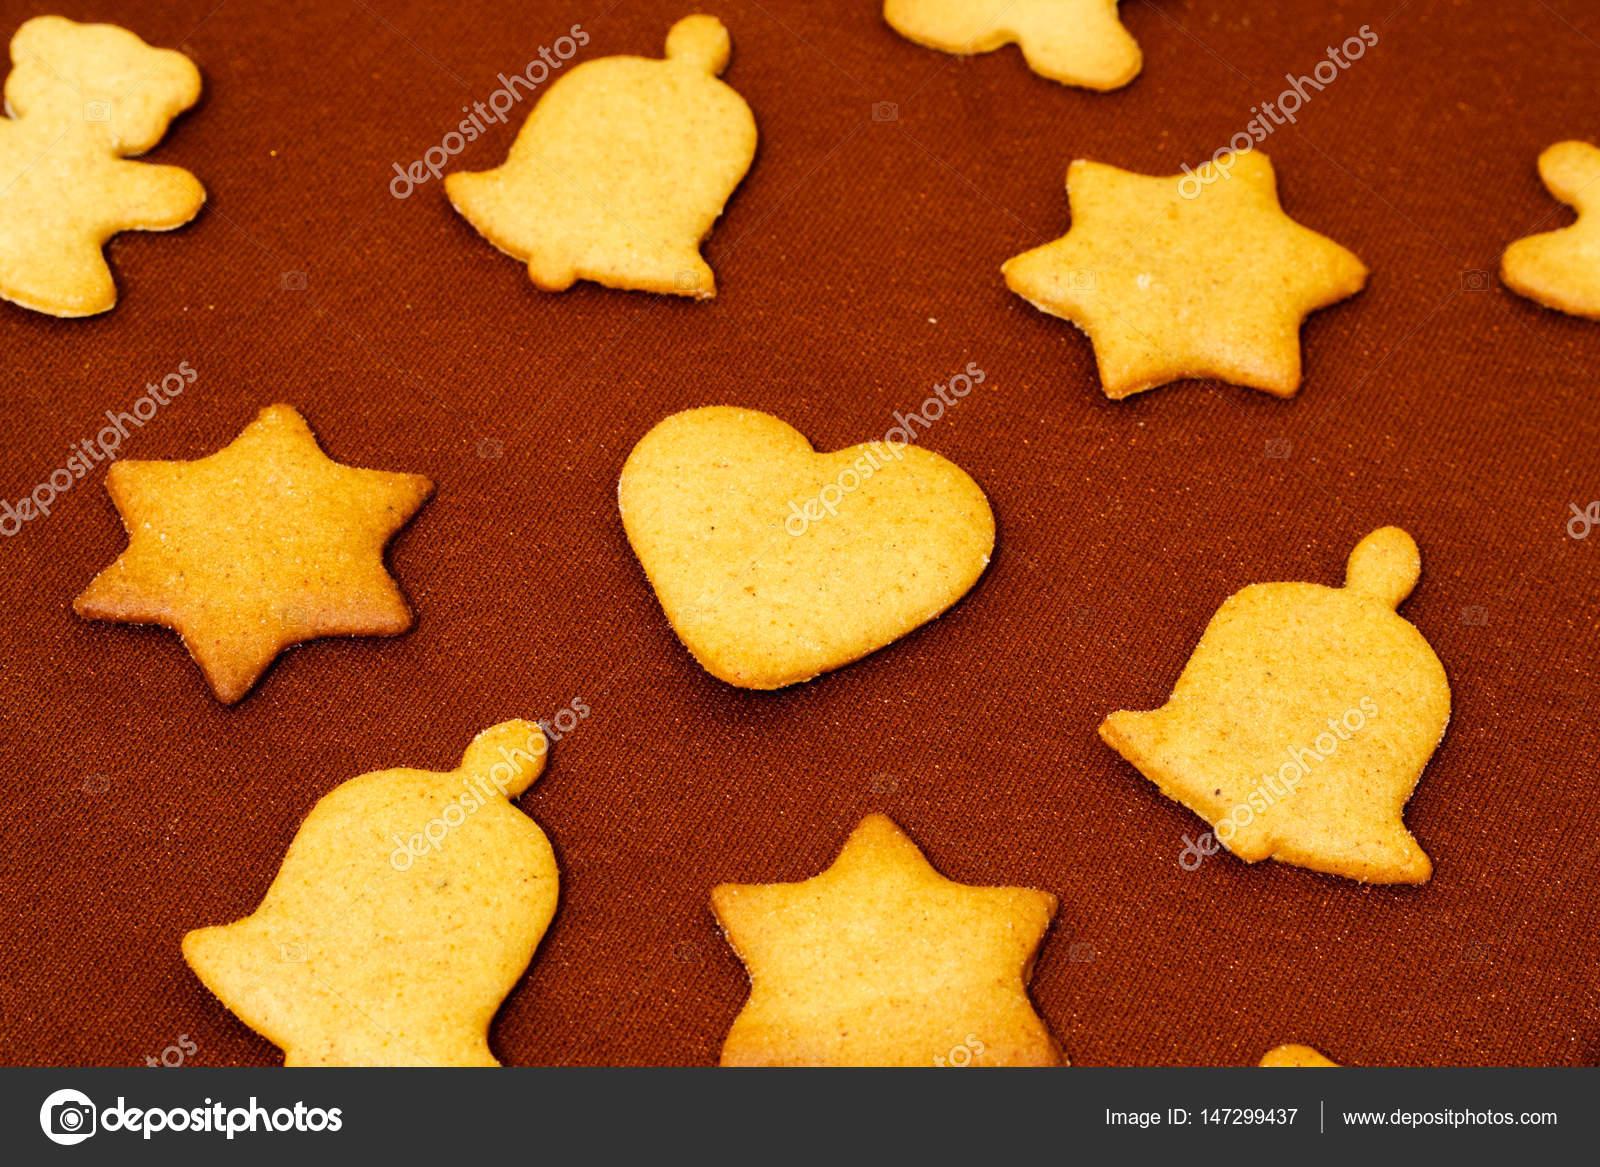 Braune Weihnachtskekse.Weihnachten Deko Lebkuchen Braune Schokolade Backgr Stockfoto